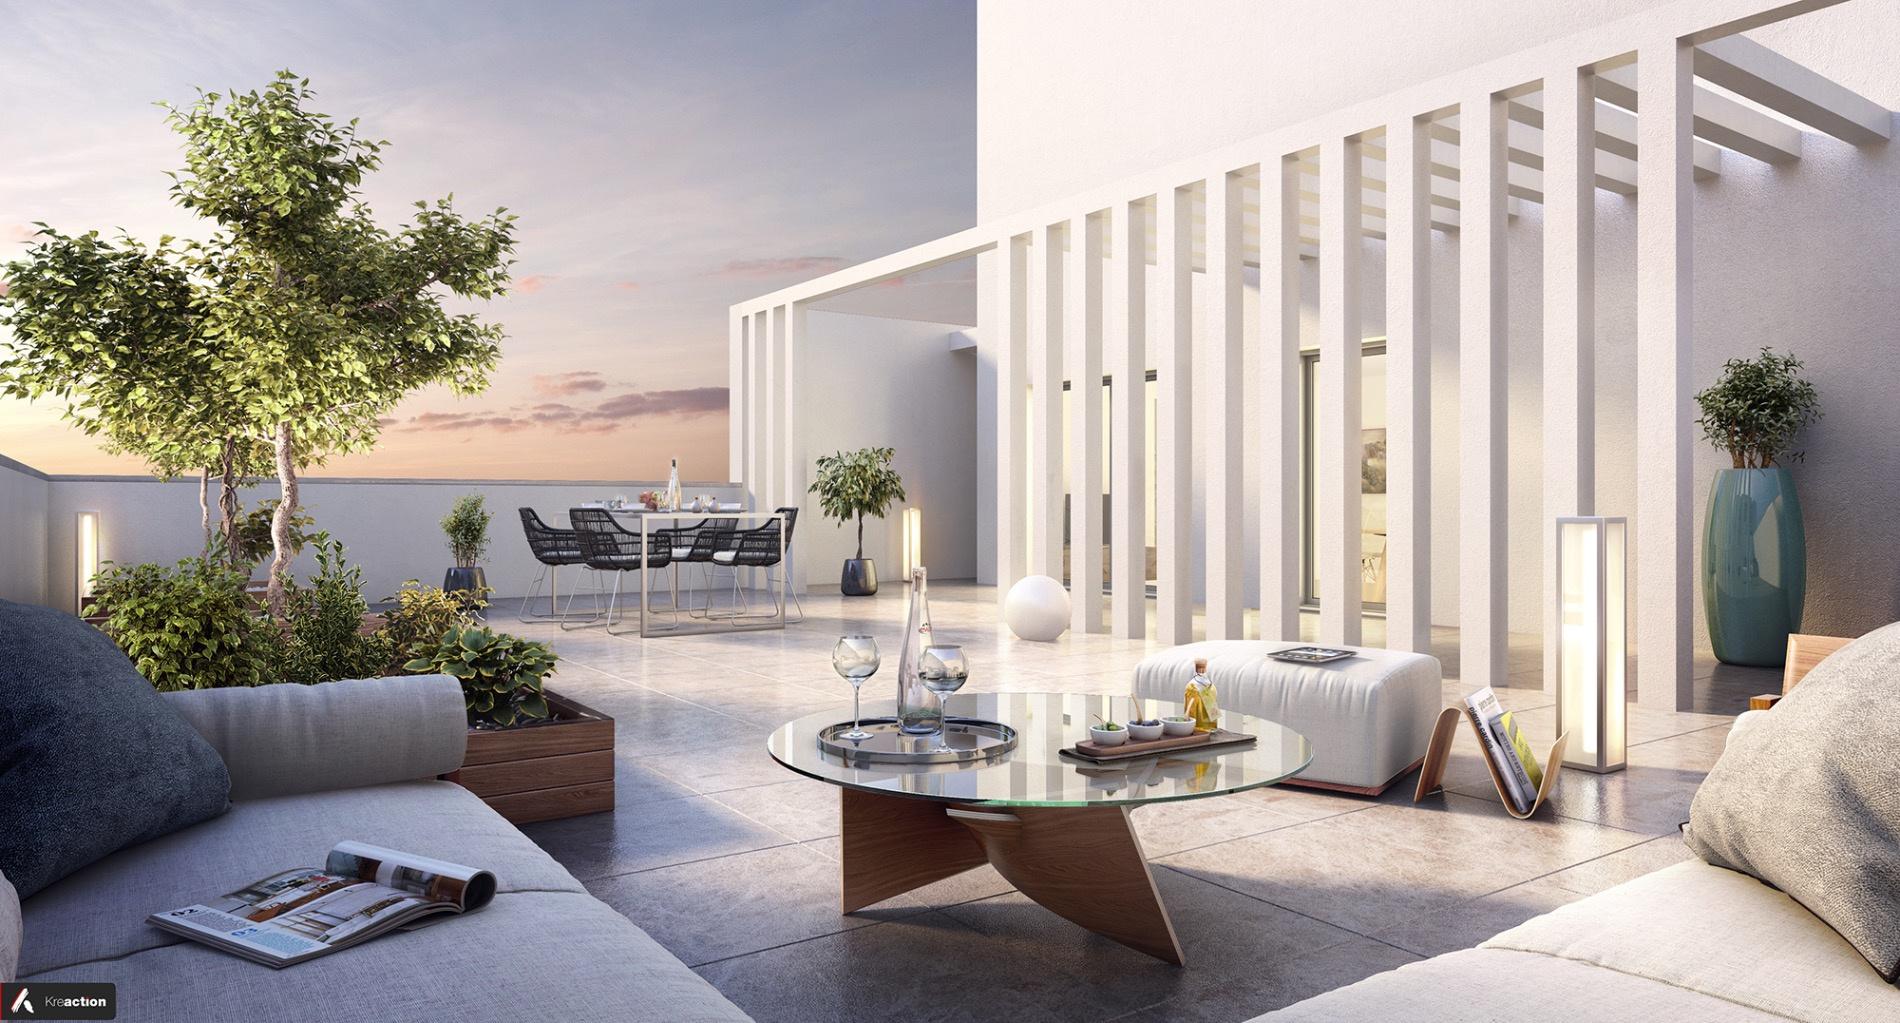 Vente le bouscat appartement duplex 4 pieces avec terrasse for Appartement le bouscat